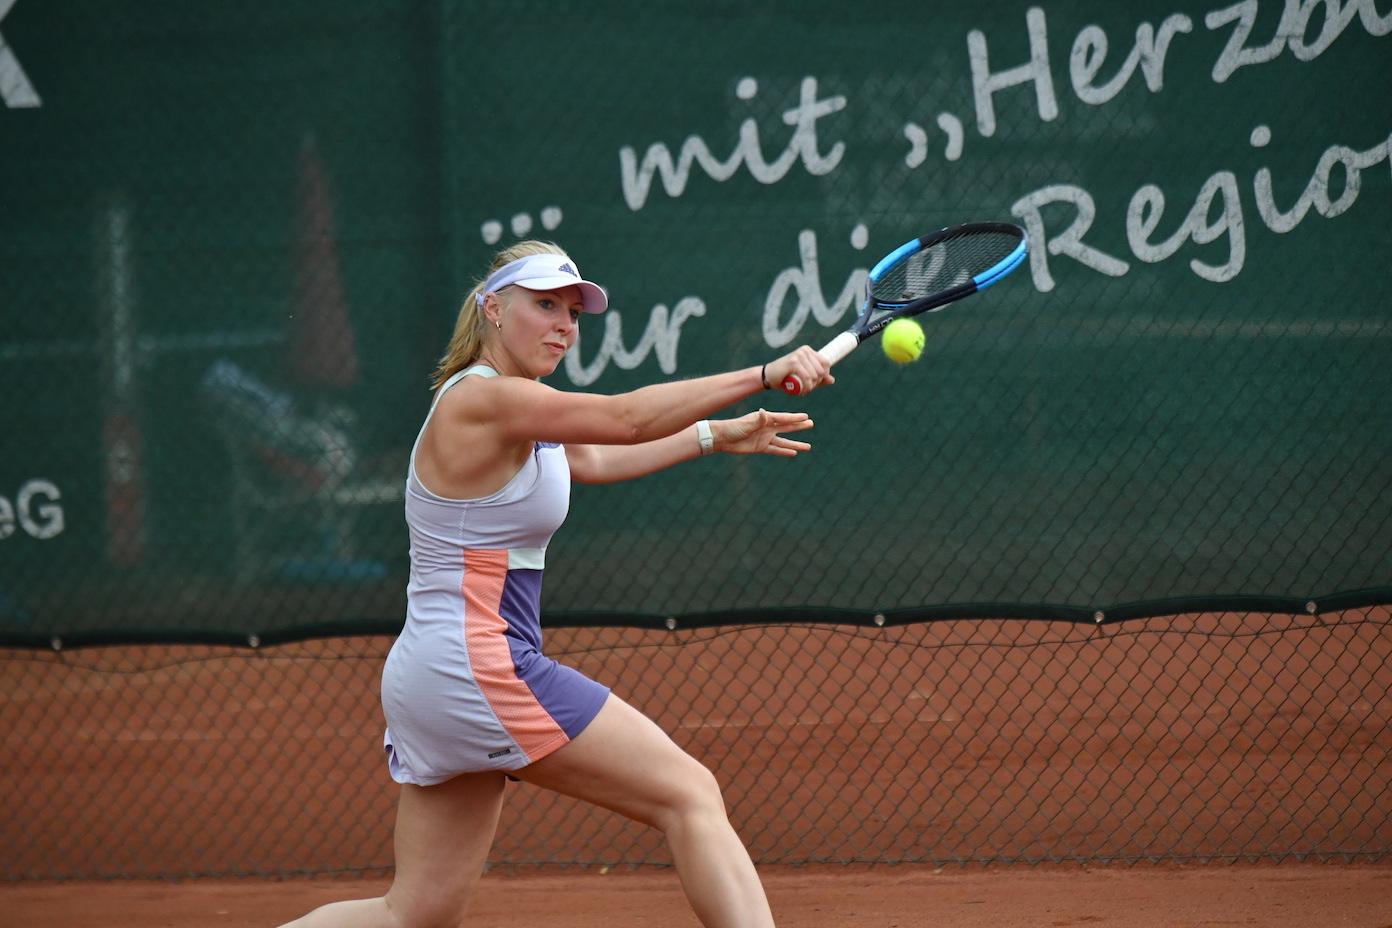 Westfalens jüngste Präsidentin im Interview mit dem Westfalen Tennis